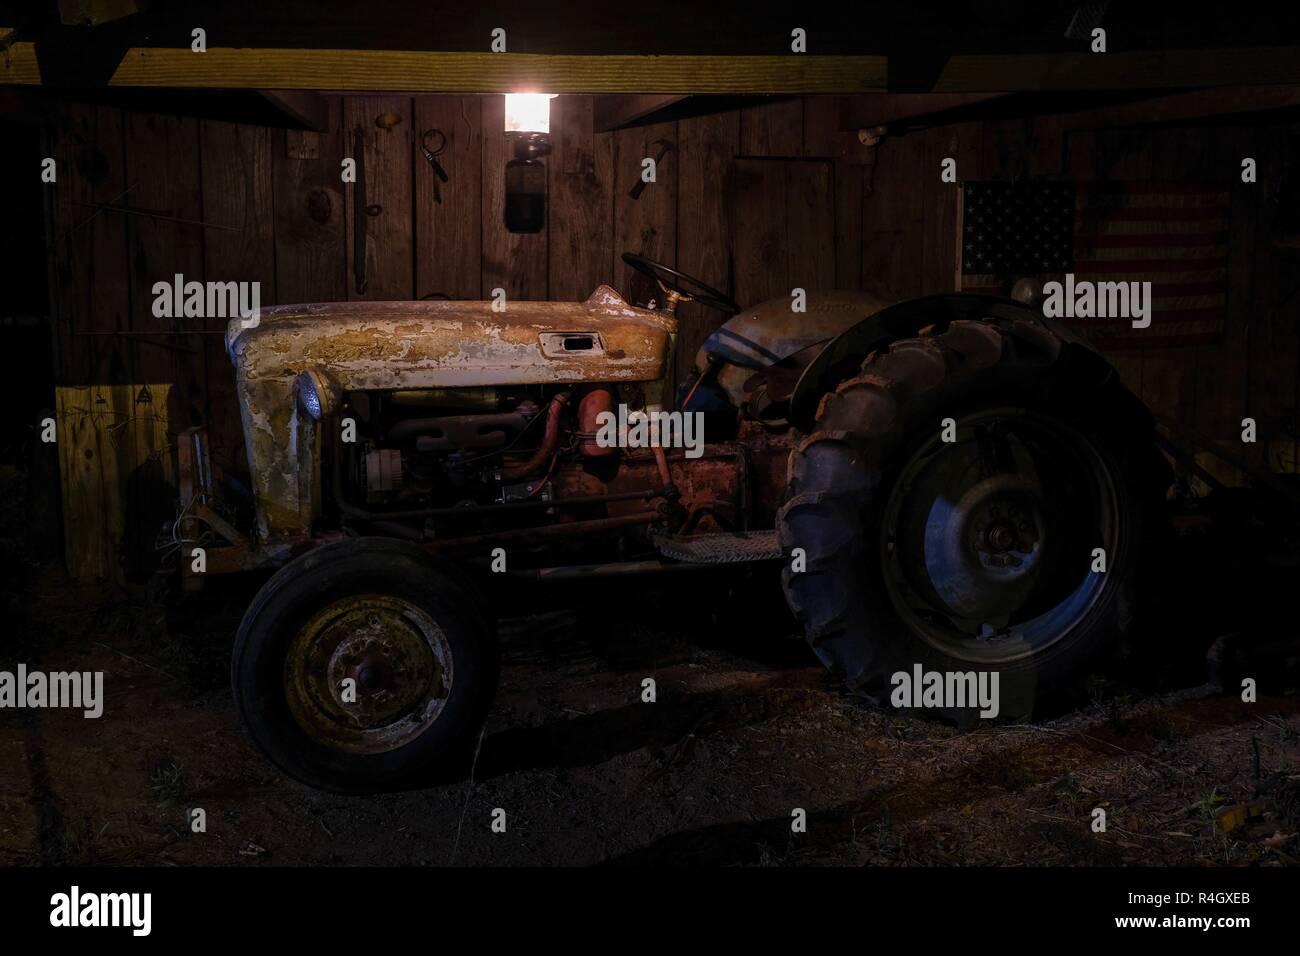 Ein Vintage Oder Antike Traktor In Einer Alten Scheune Unter Dem